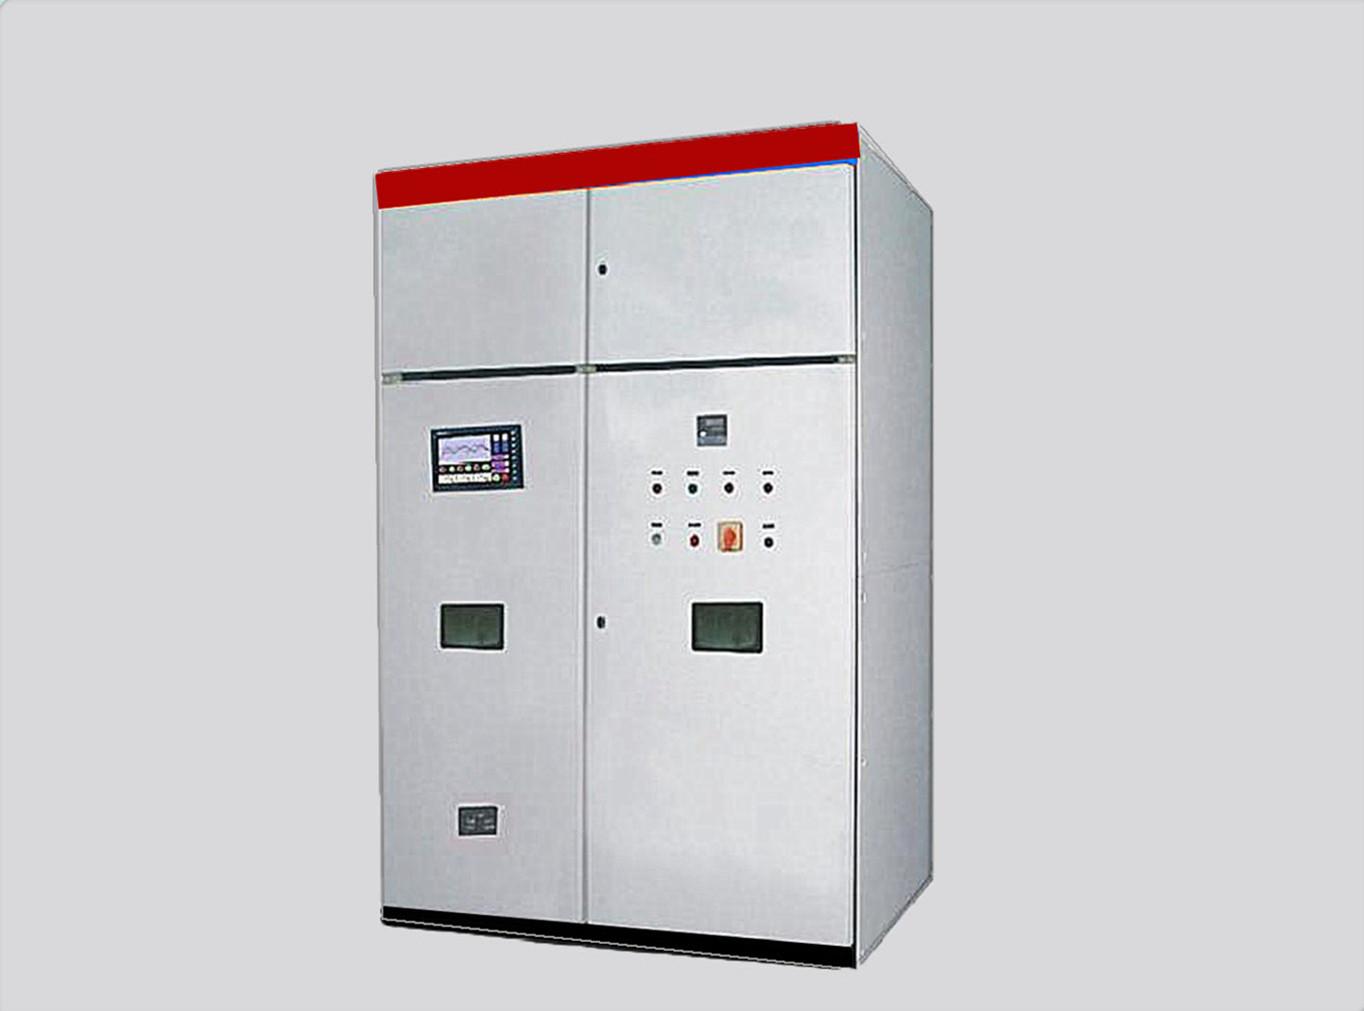 分享高壓固態軟啟動柜的使用條件和技術指標